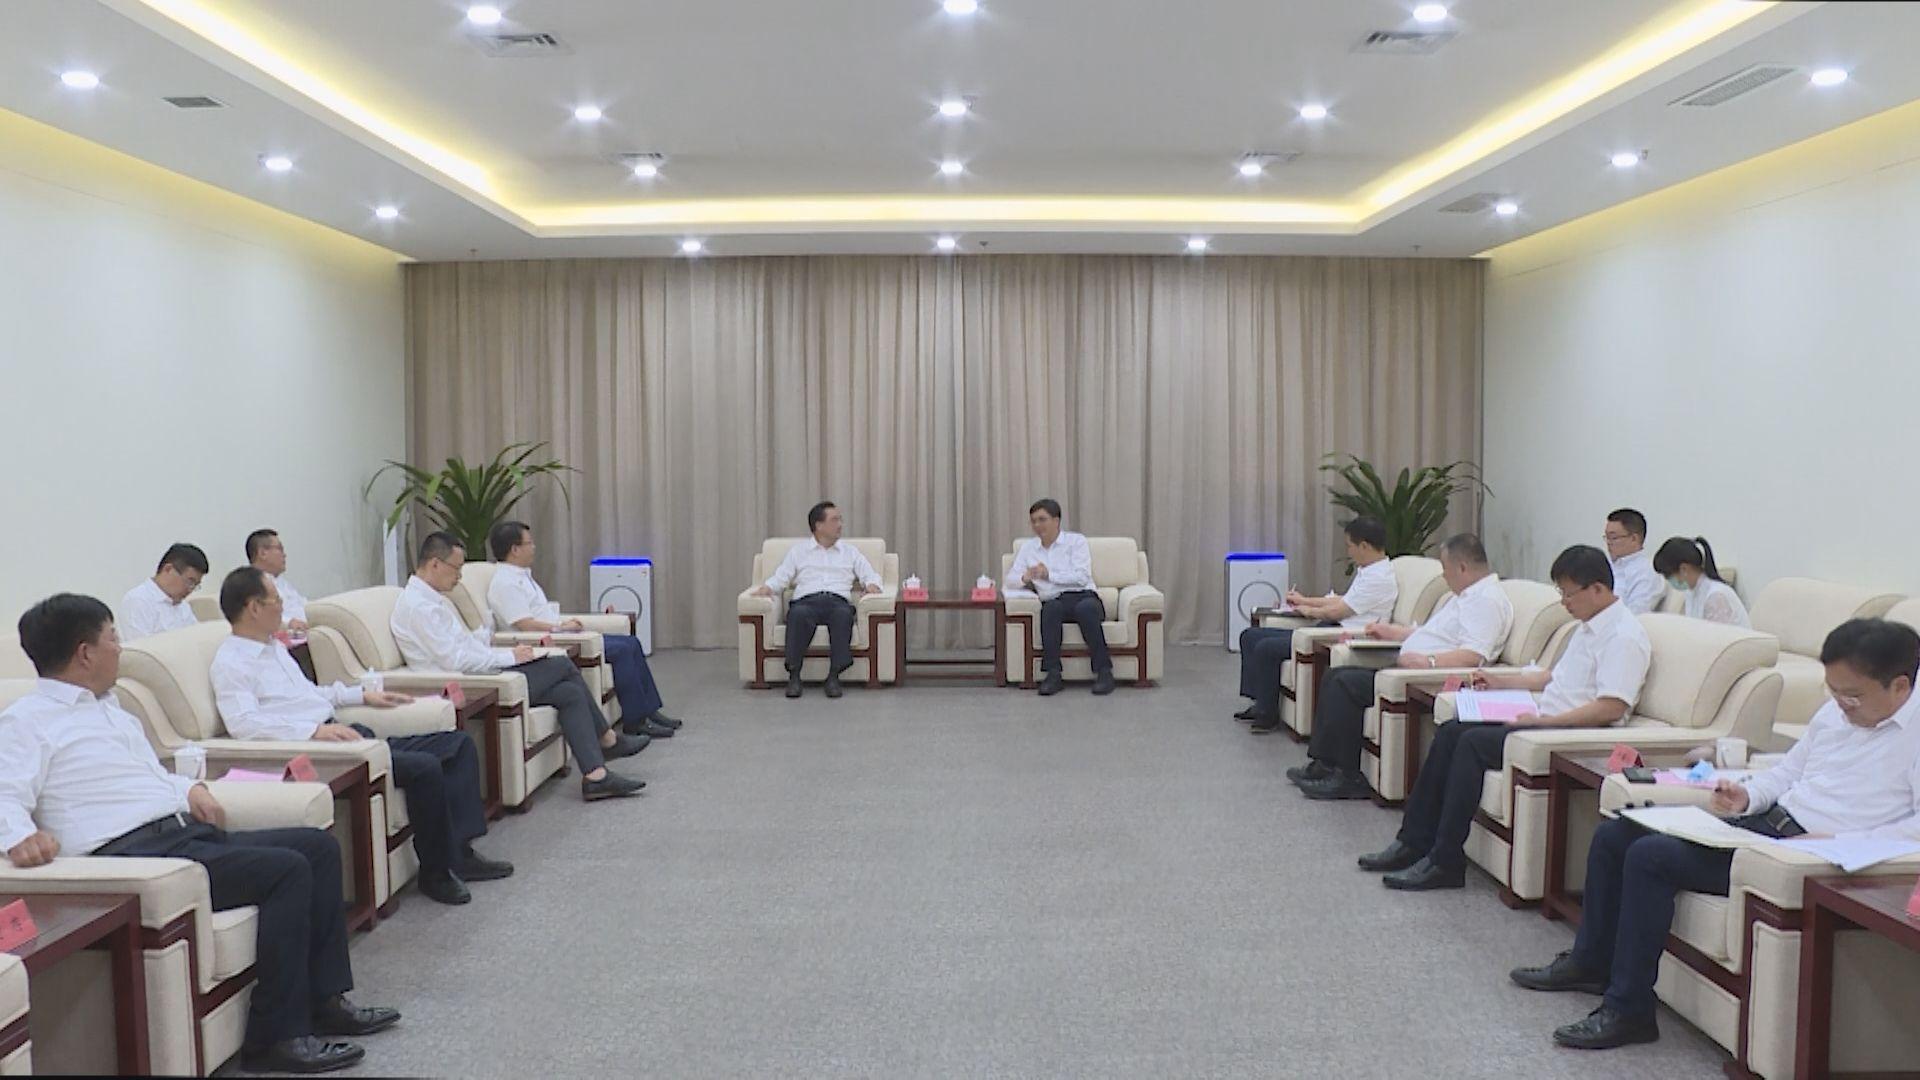 陈刚与华夏银行董事长李民吉一行举行工作座谈